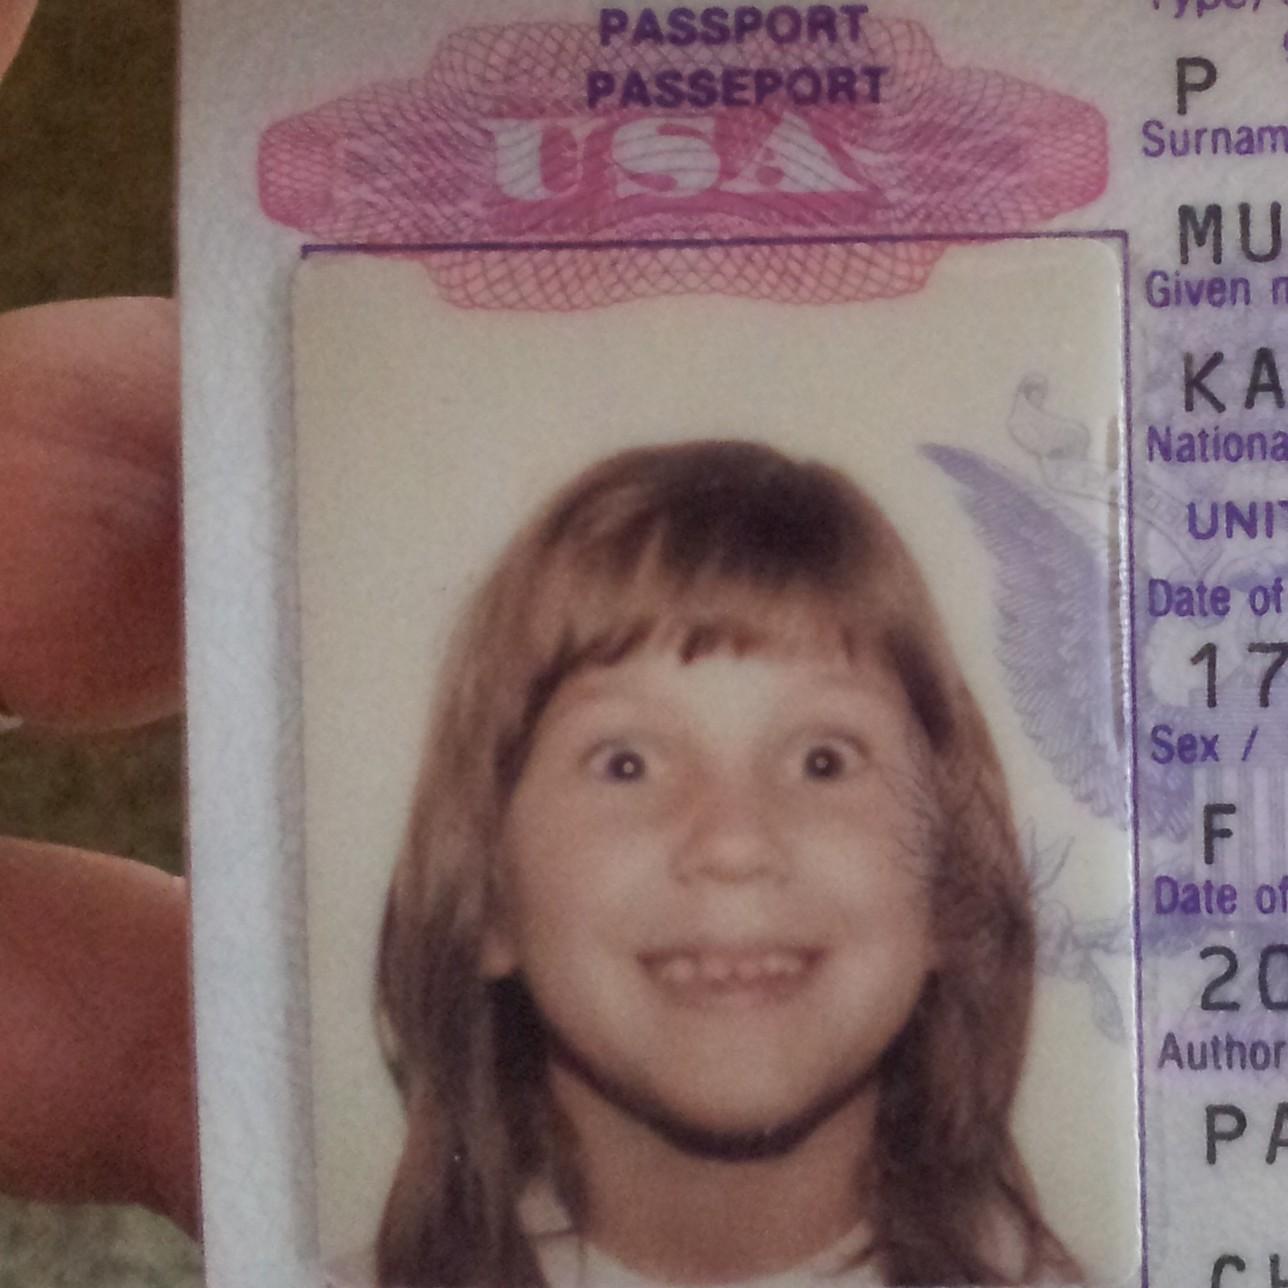 Фото в паспорте приколы картинки